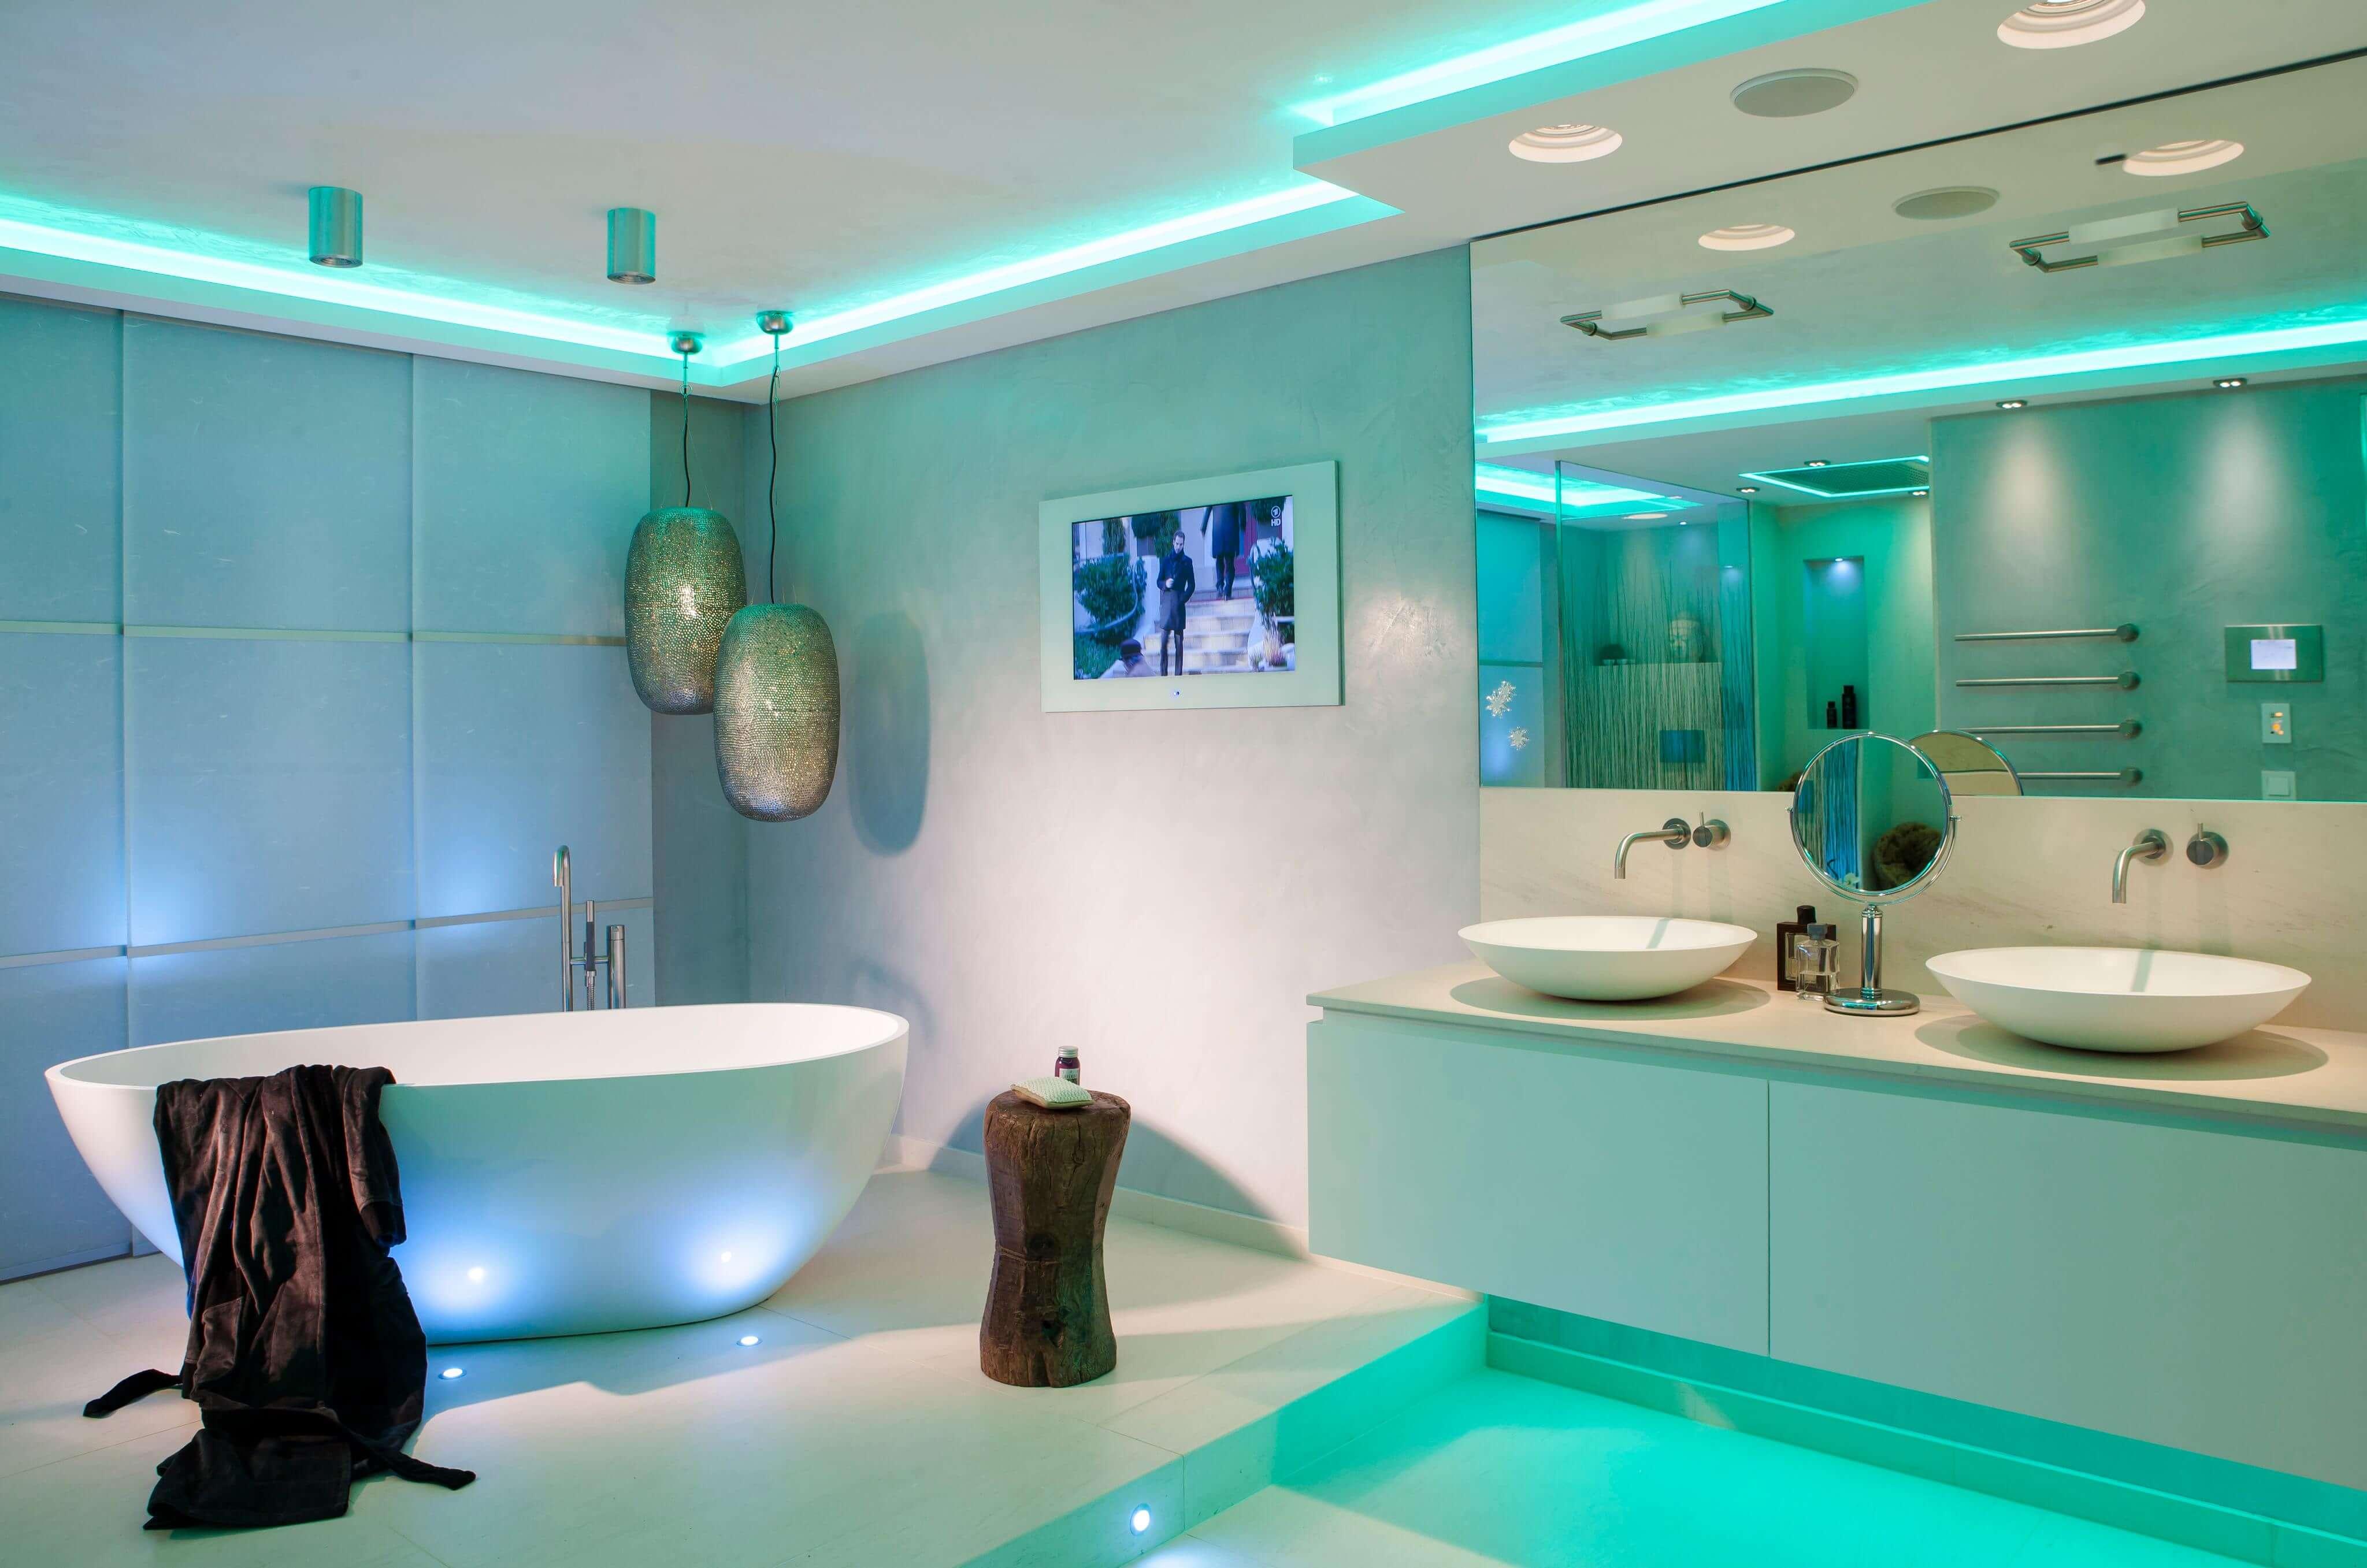 Das perfekte badezimmer traum oder herausforderung - Licht ideen badezimmer ...